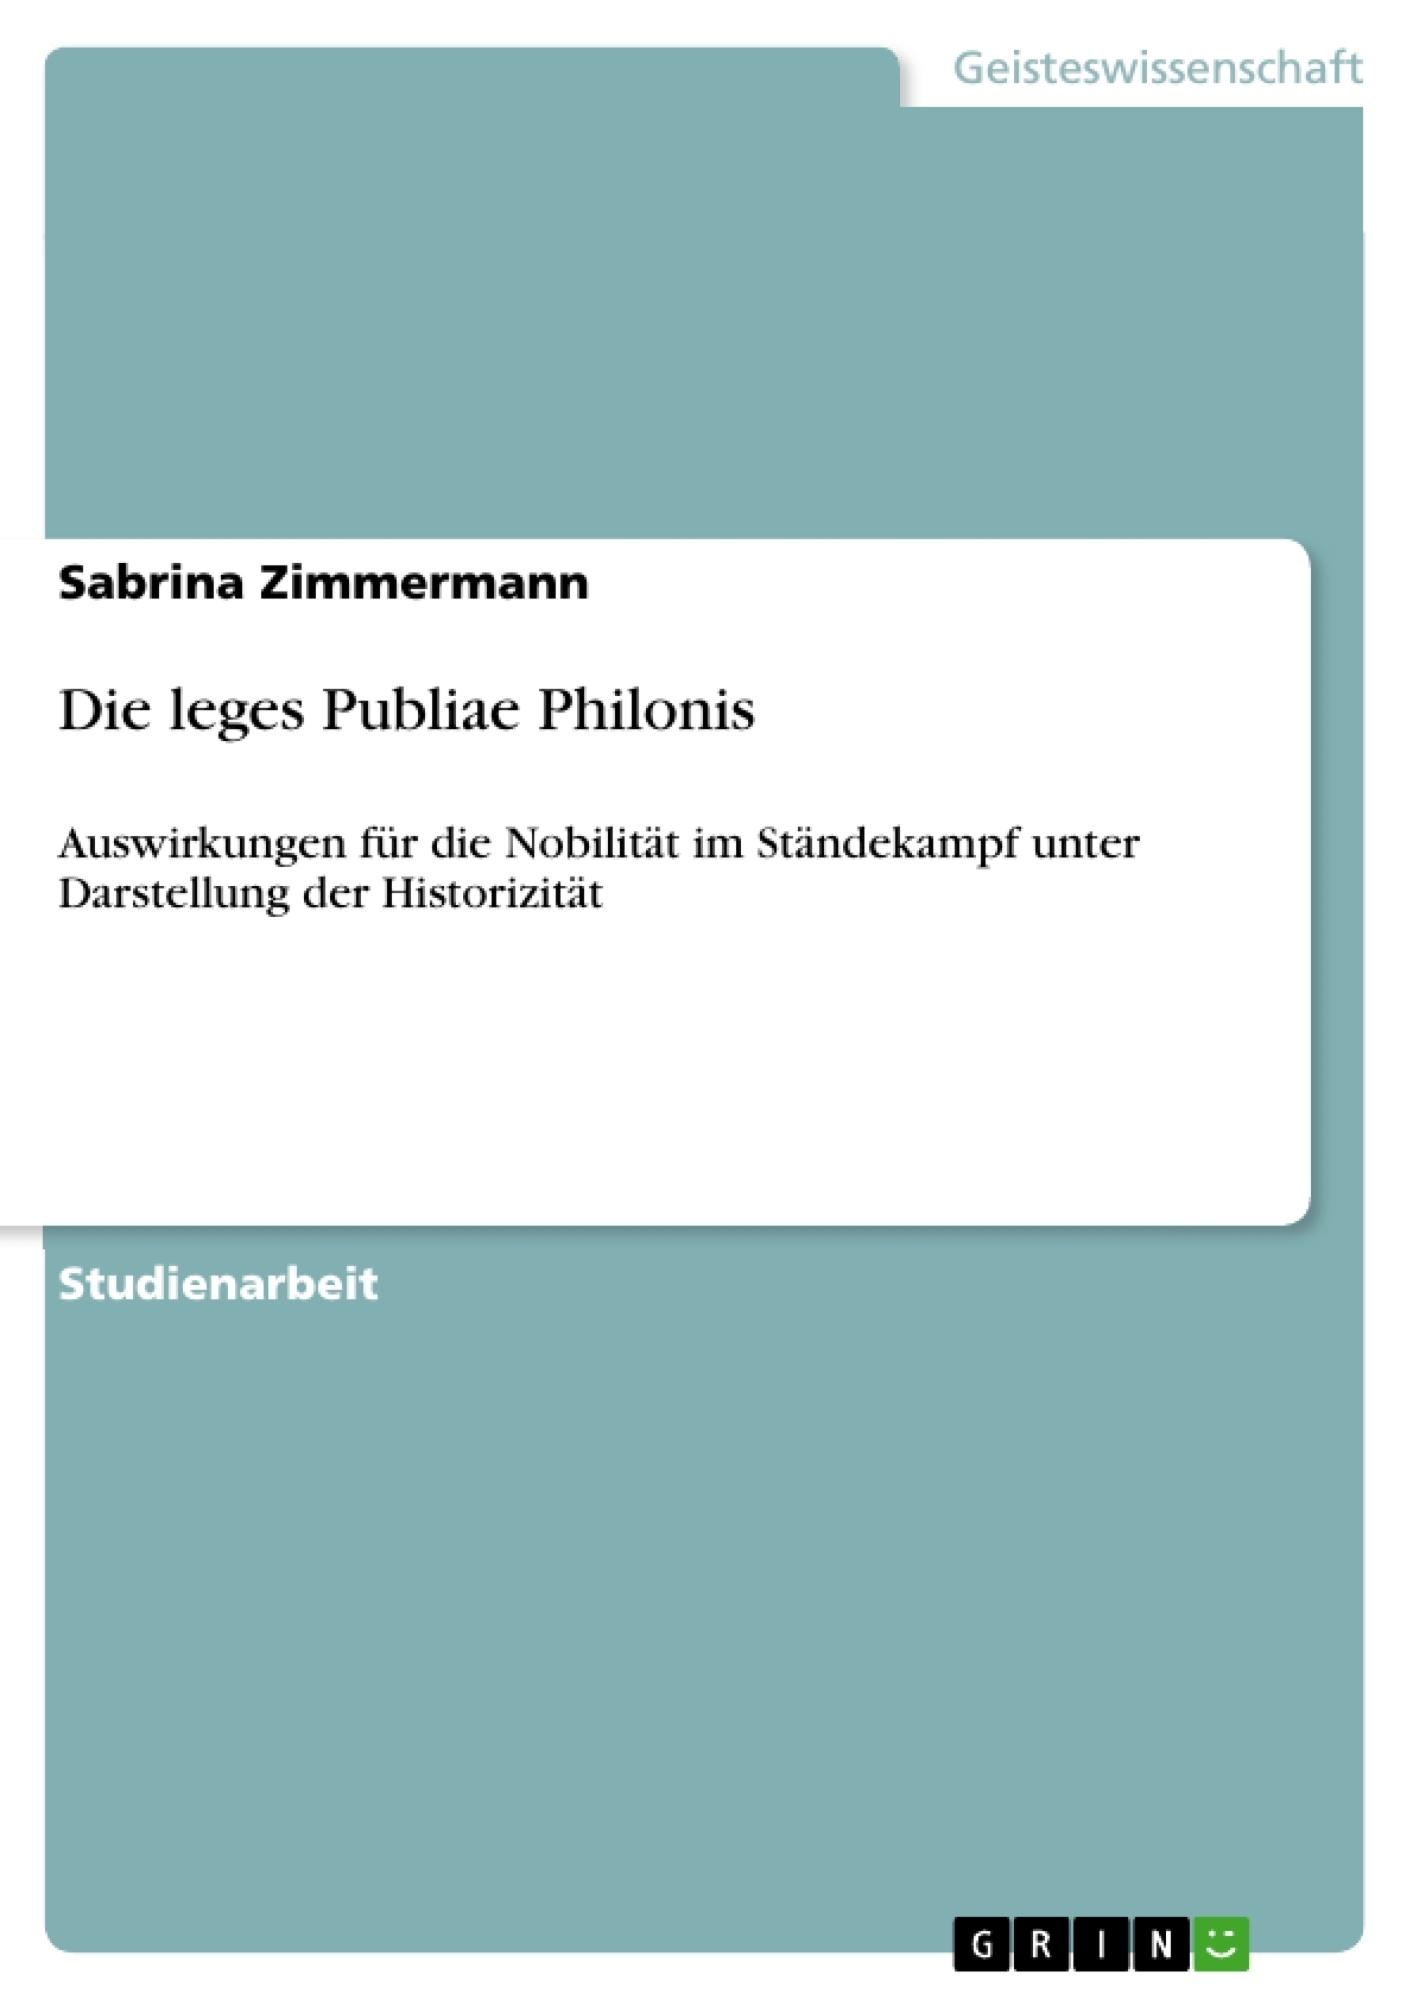 Titel: Die leges Publiae Philonis